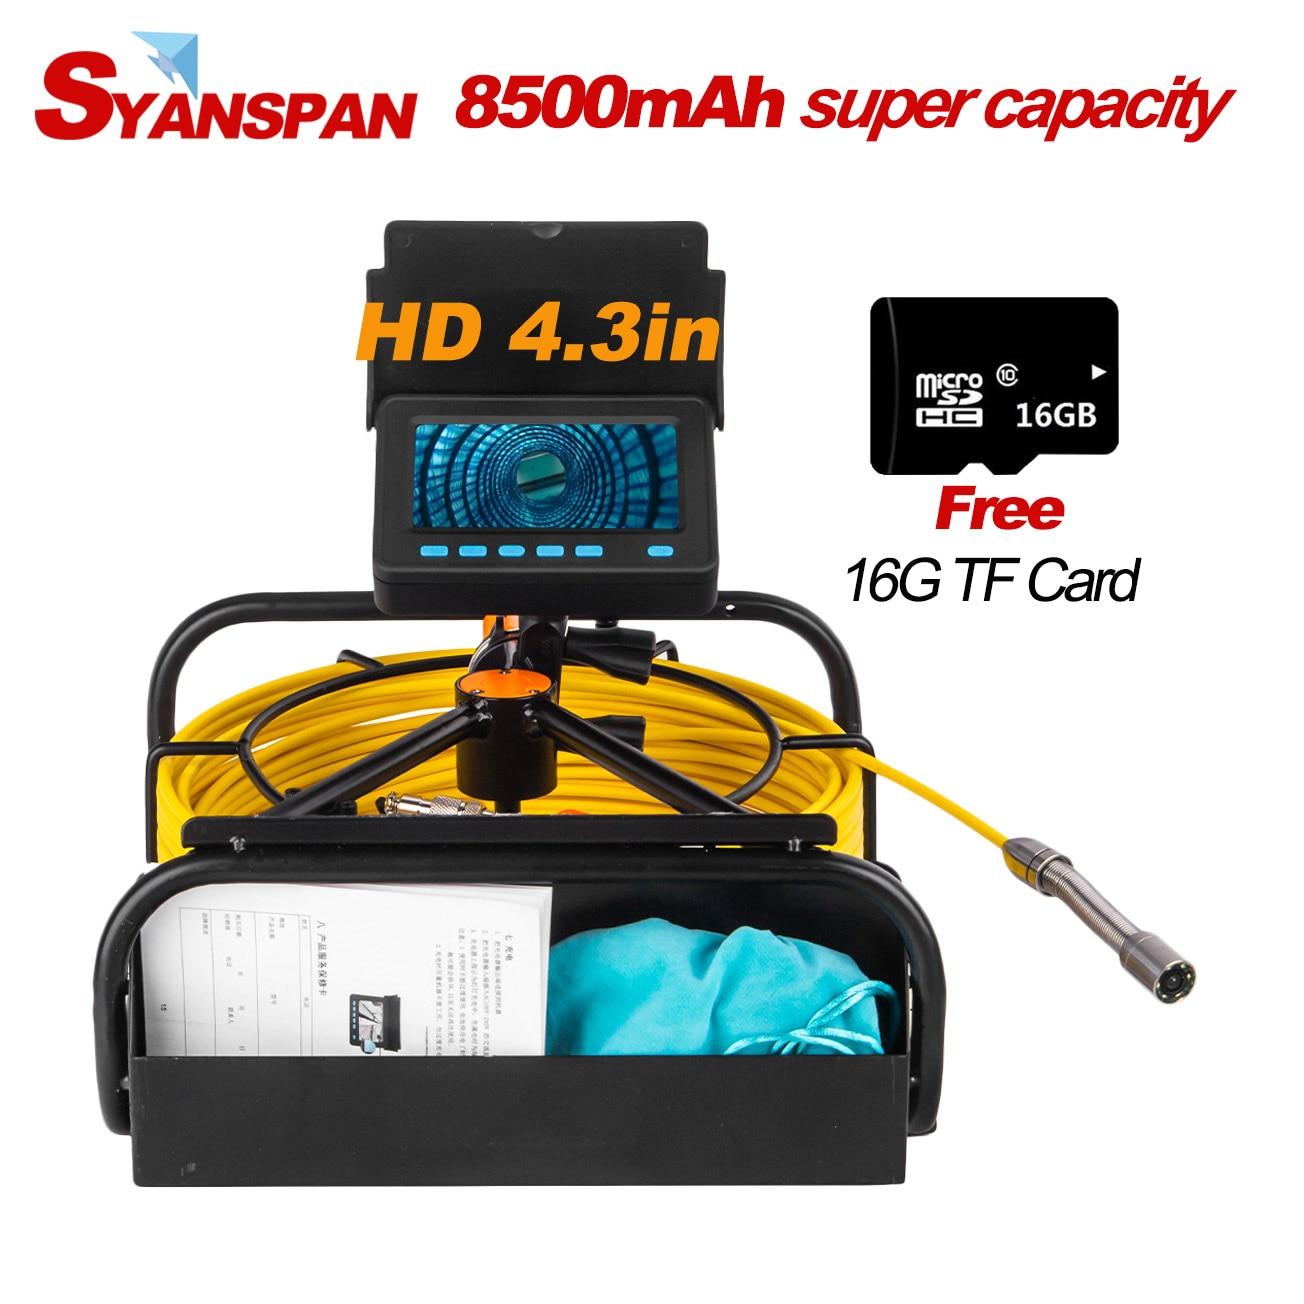 Portátil capacidade 8500mah standable 16gb tf cartão dvr ip68 syanspan industrial drenagem tubulação de esgoto inspeção câmera vídeo endoscópio